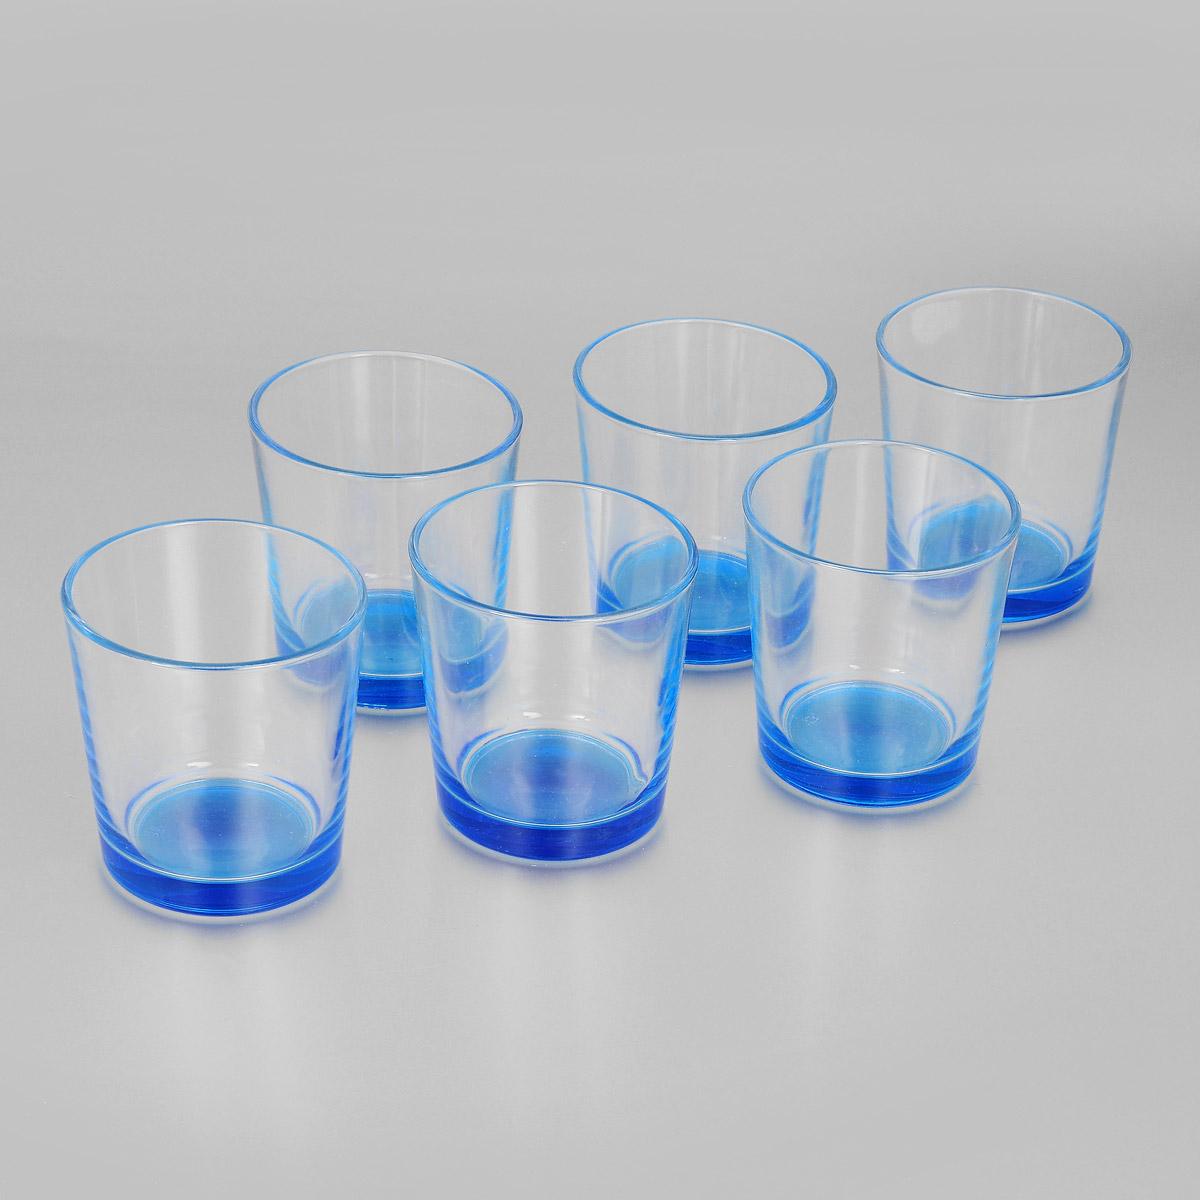 Набор стаканов Ода, цвет: голубой, 250 мл, 6 шт. 1249-Н1249-ННабор Ода состоит из шести стаканов с цветным дном, изготовленных из высококачественного стекла. Чистые цвета, плавные линии и совершенные формы предметов вызывают восхищение, а элегантный дизайн набора привлечет к себе внимание и украсит интерьер. Стаканы идеально подойдут для сервировки стола и станут отличным подарком к любому празднику.